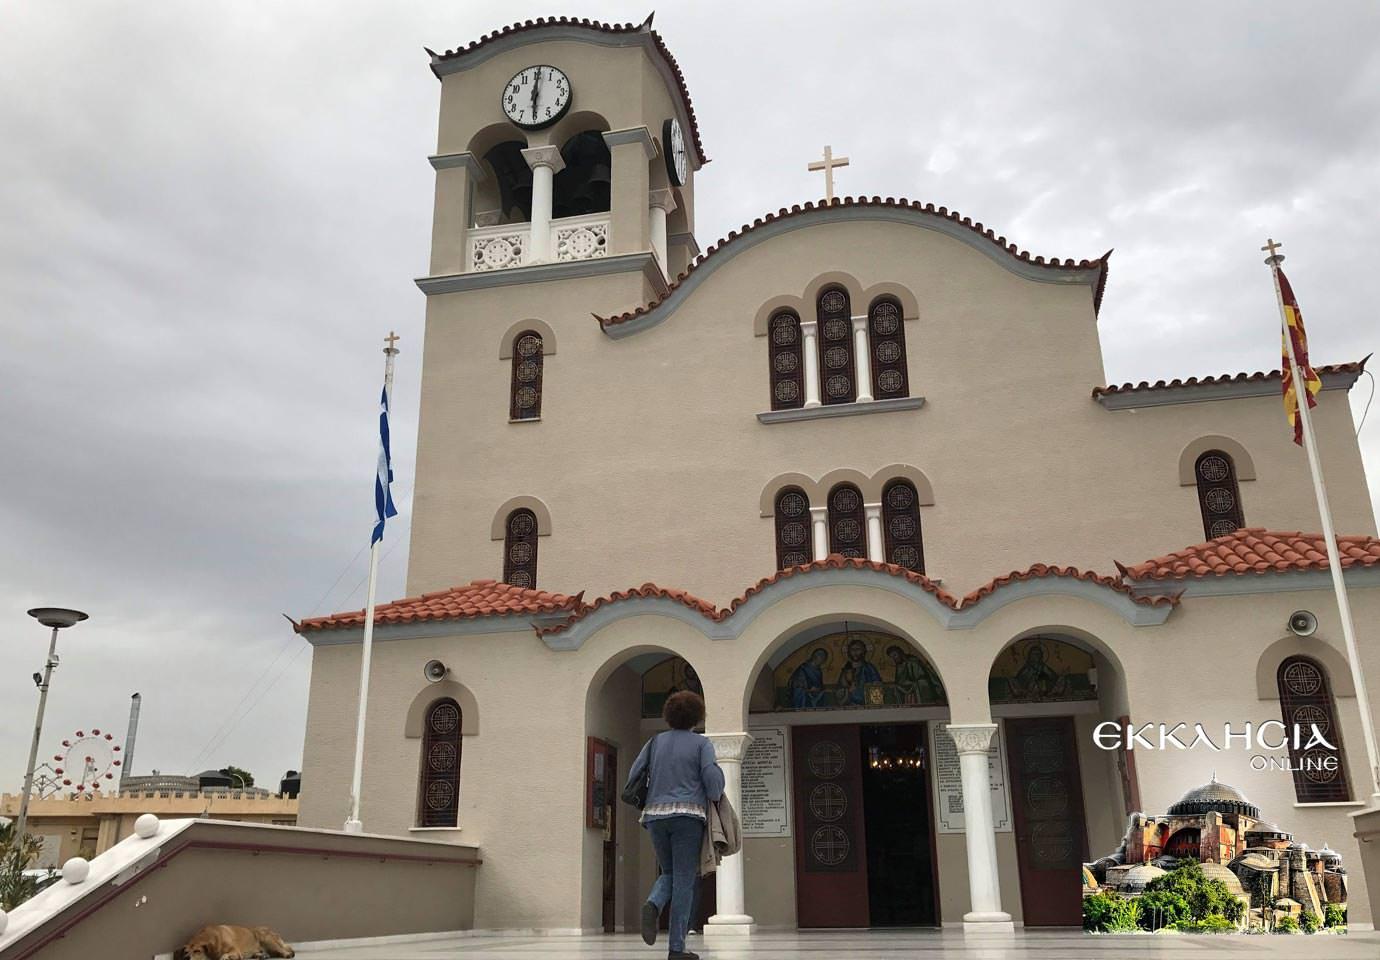 ιερός ναός προφήτη ηλία πειραιάς